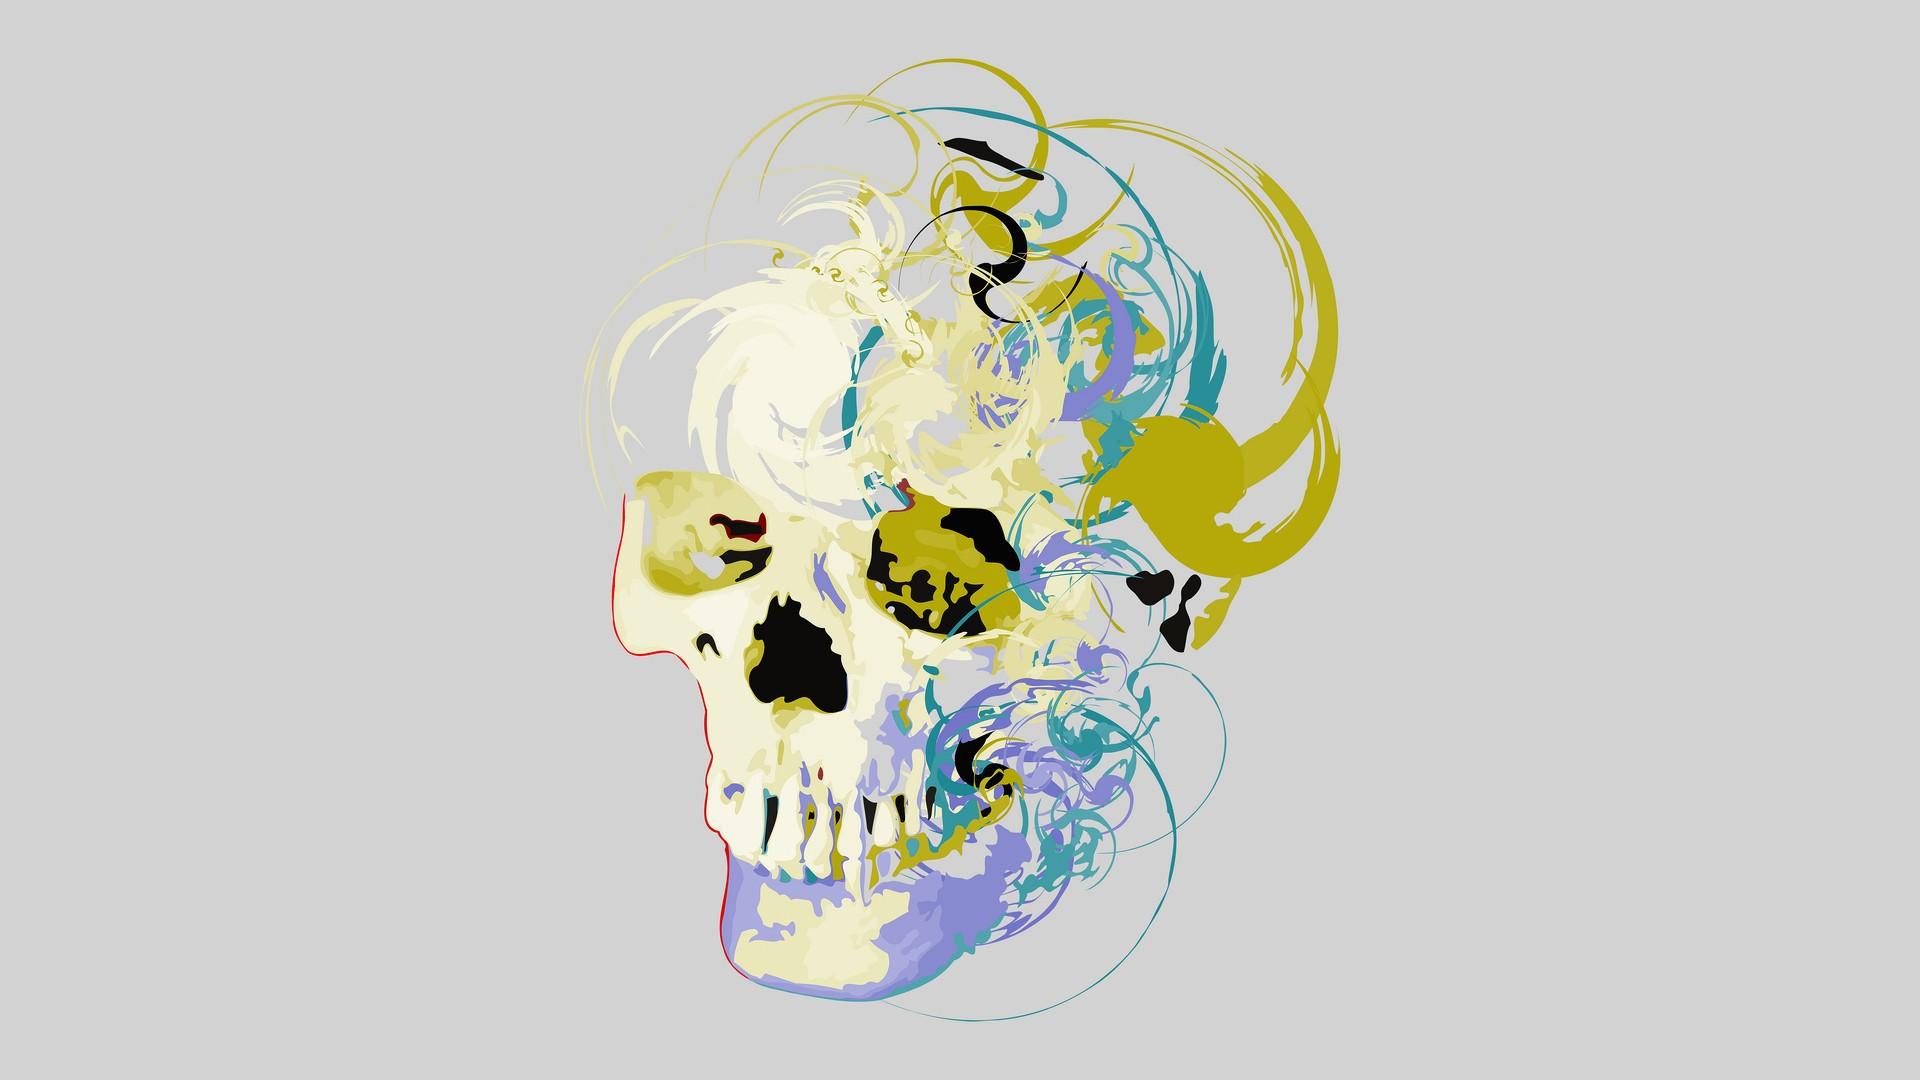 53+ Gambar Abstrak Di Kepala Kekinian